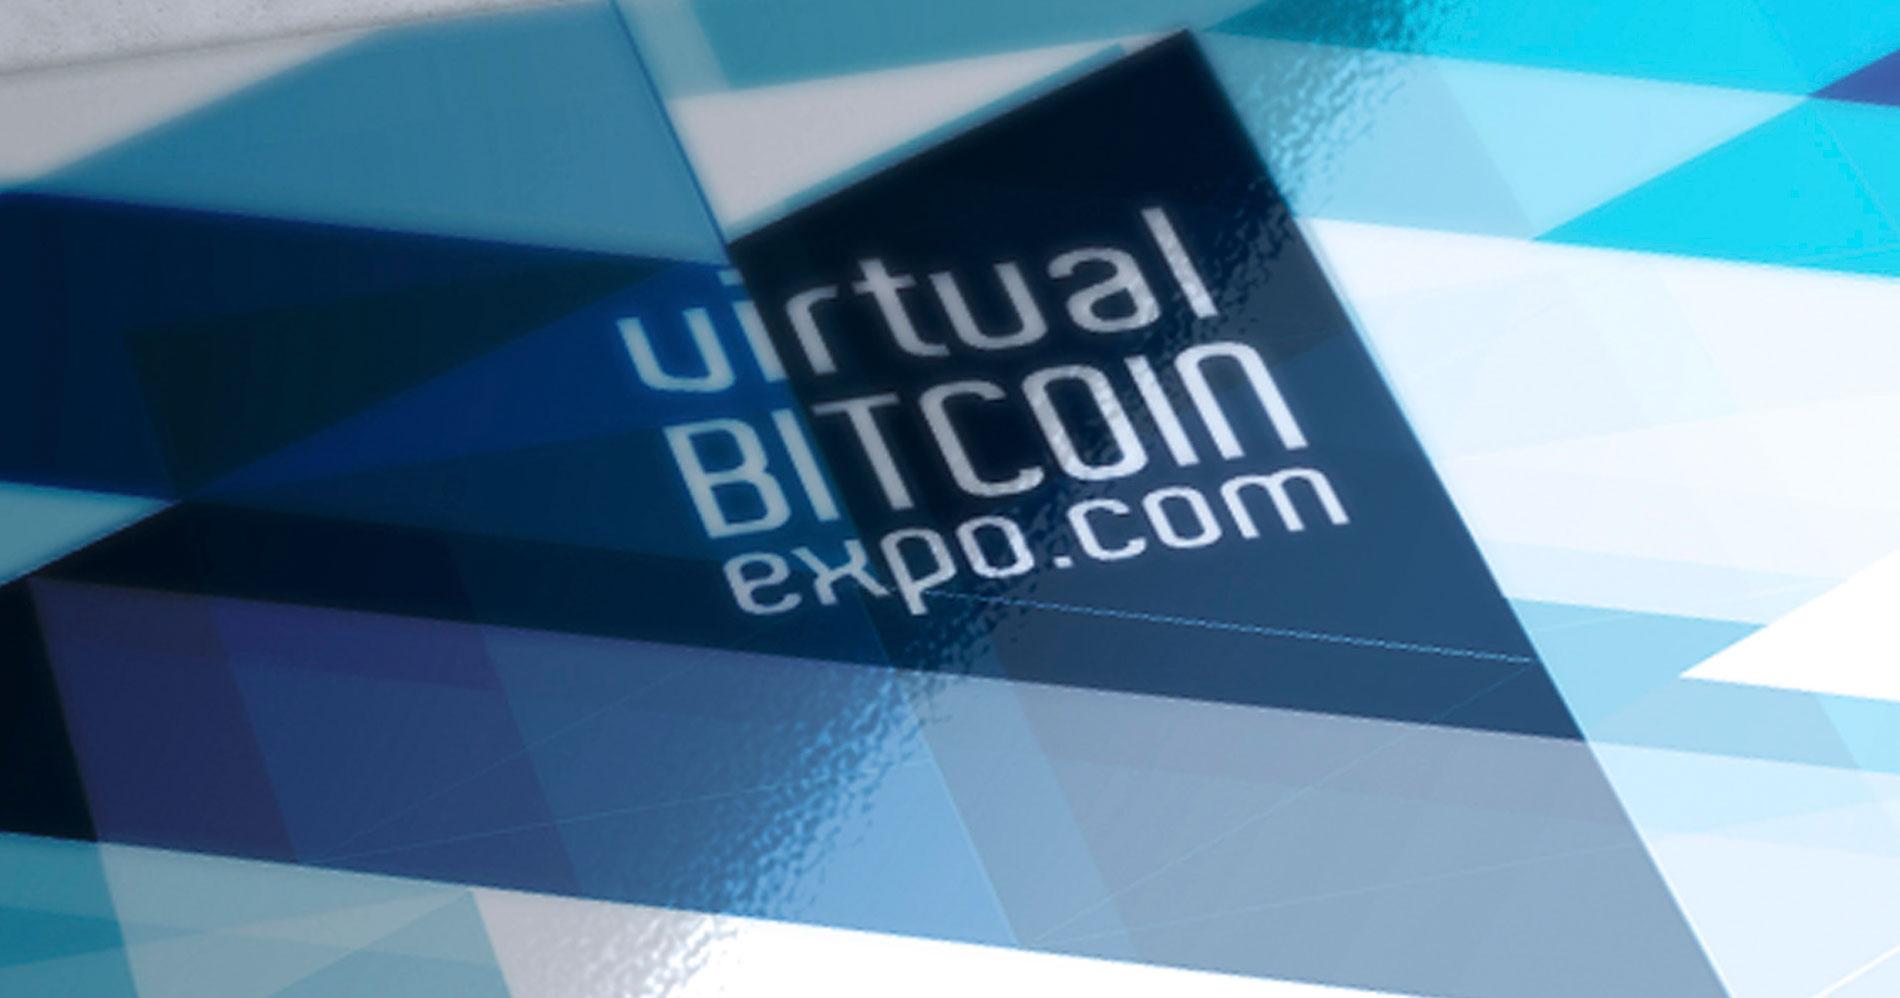 VirtualBicoinexpo_Bitcoinist